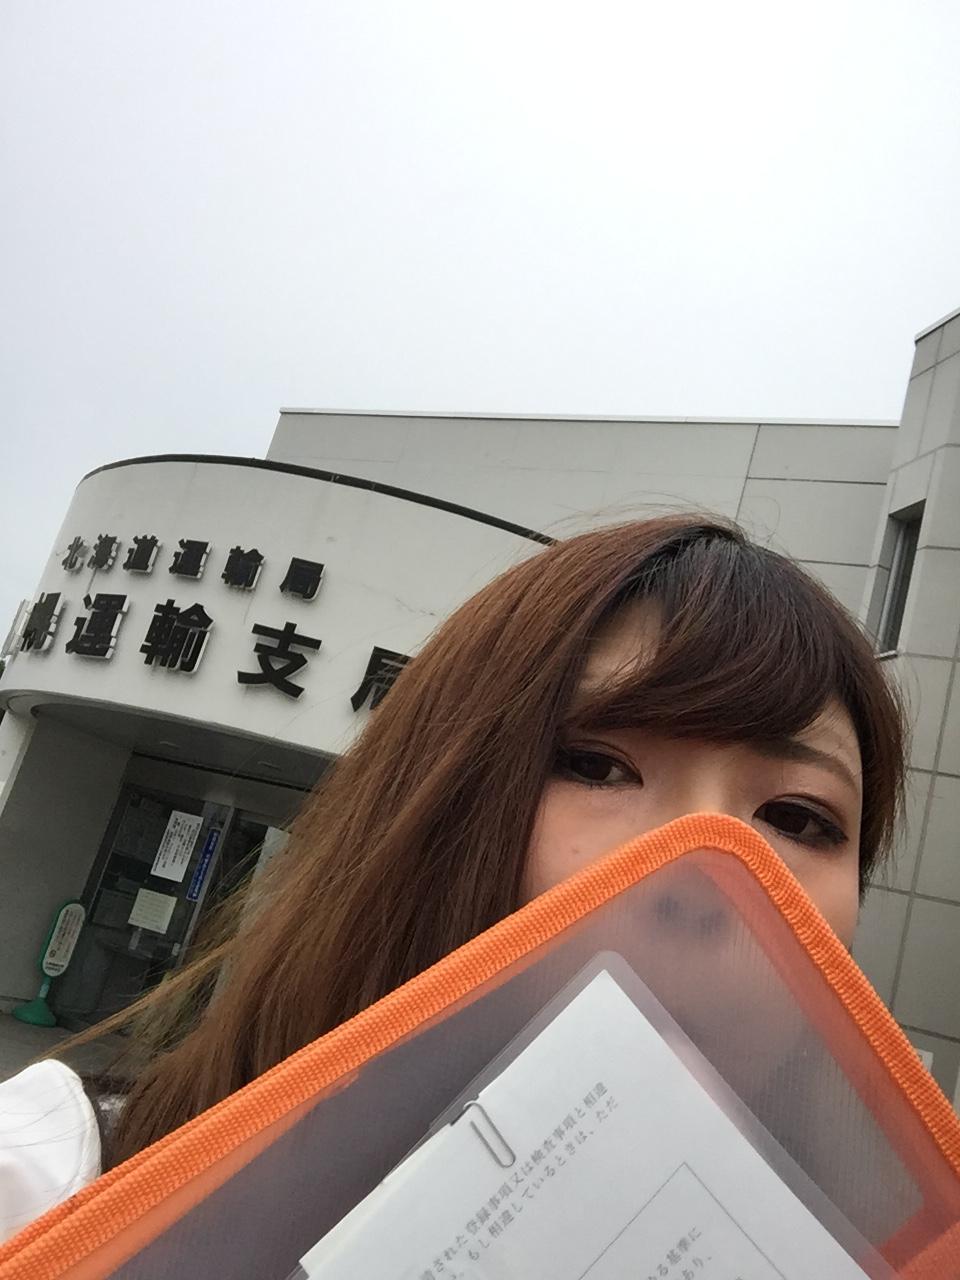 7月28日 金曜日のひとログヽ( 'ω' )ノ 夏休みのお出かけに★TOMMYレンタカー_b0127002_1737594.jpg